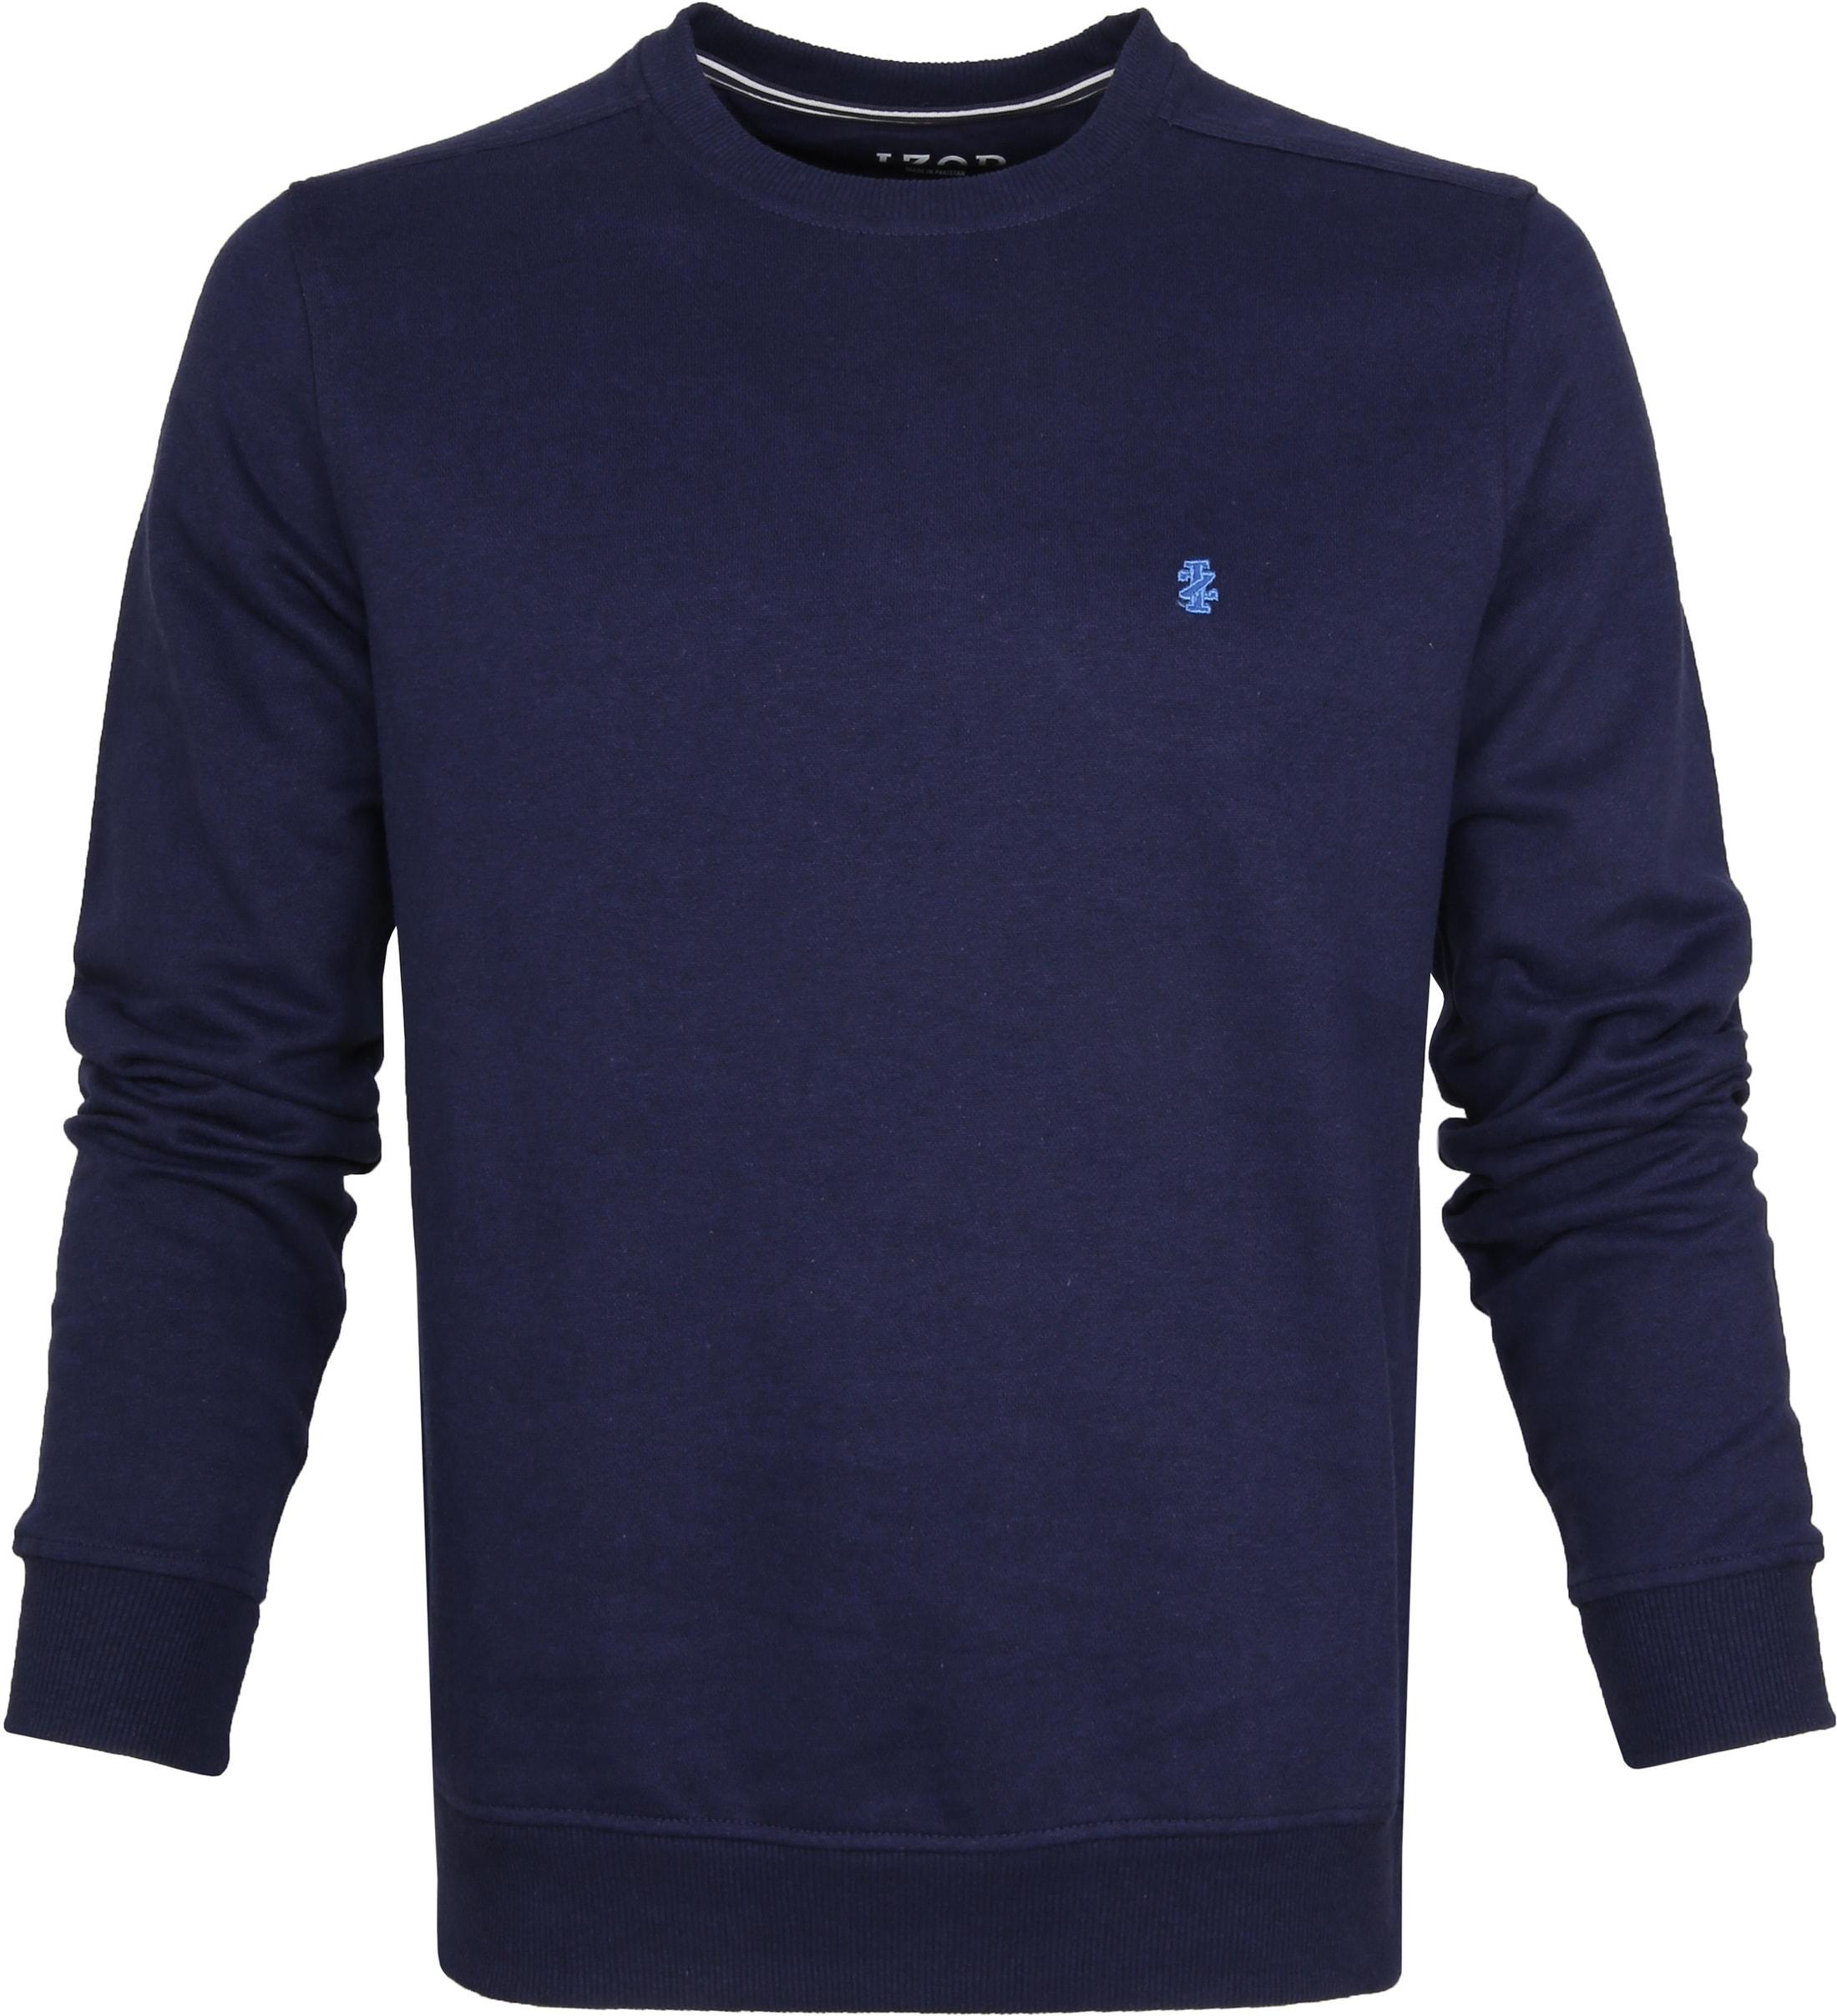 IZOD Solid Fleece Sweater Navy foto 0